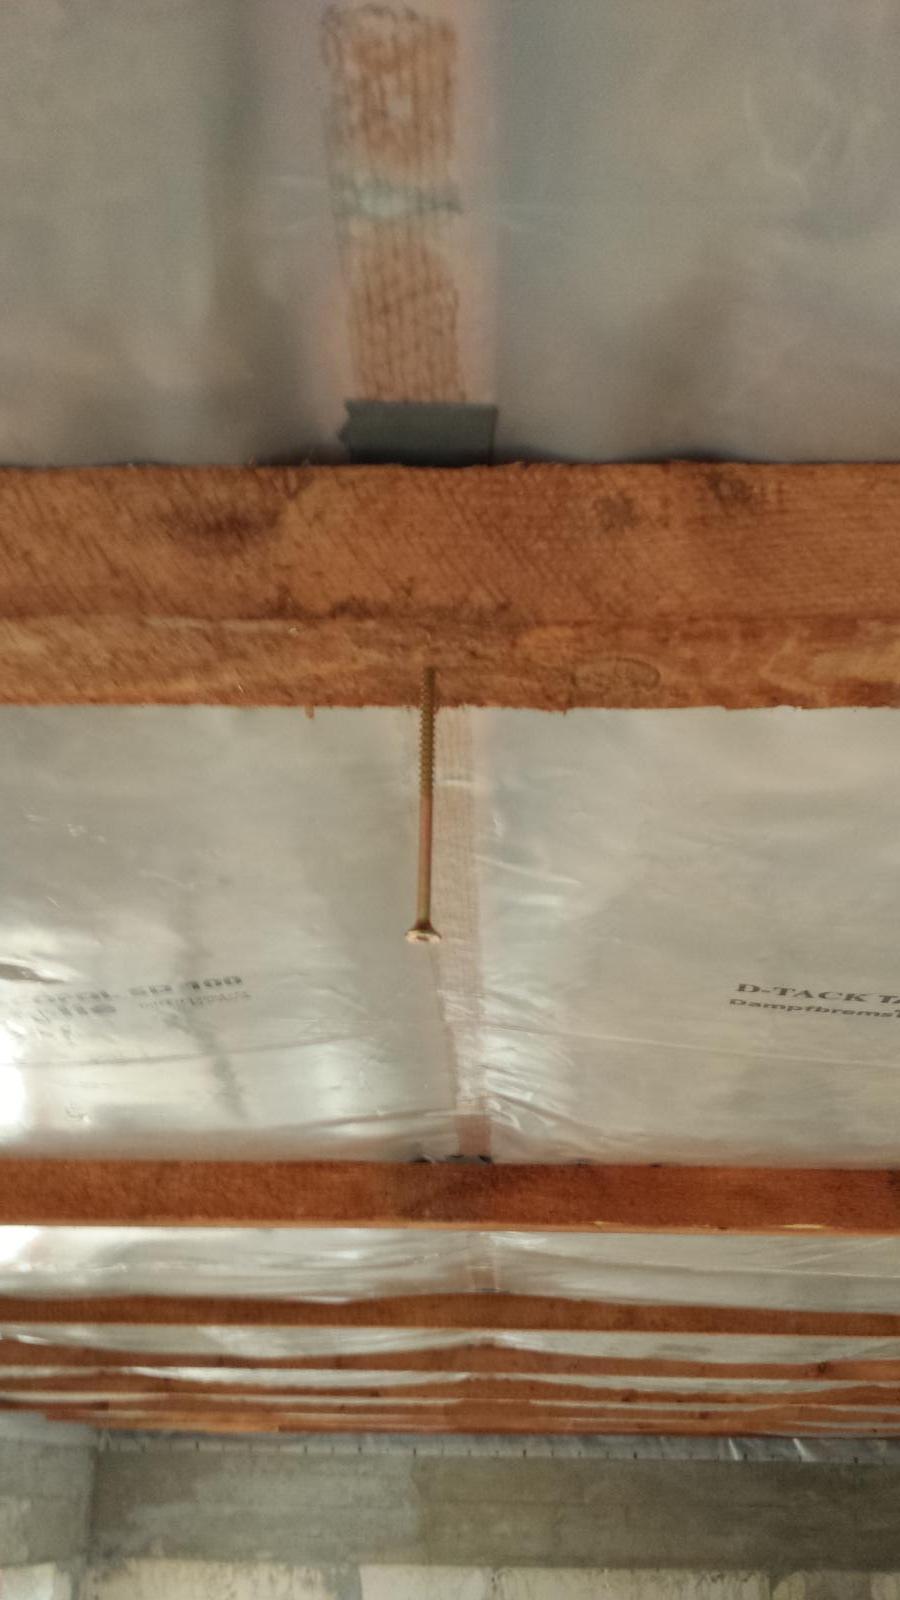 Pasívny dom svojpomocne - Skrutkotesna paska medzi kontralatou a foliou